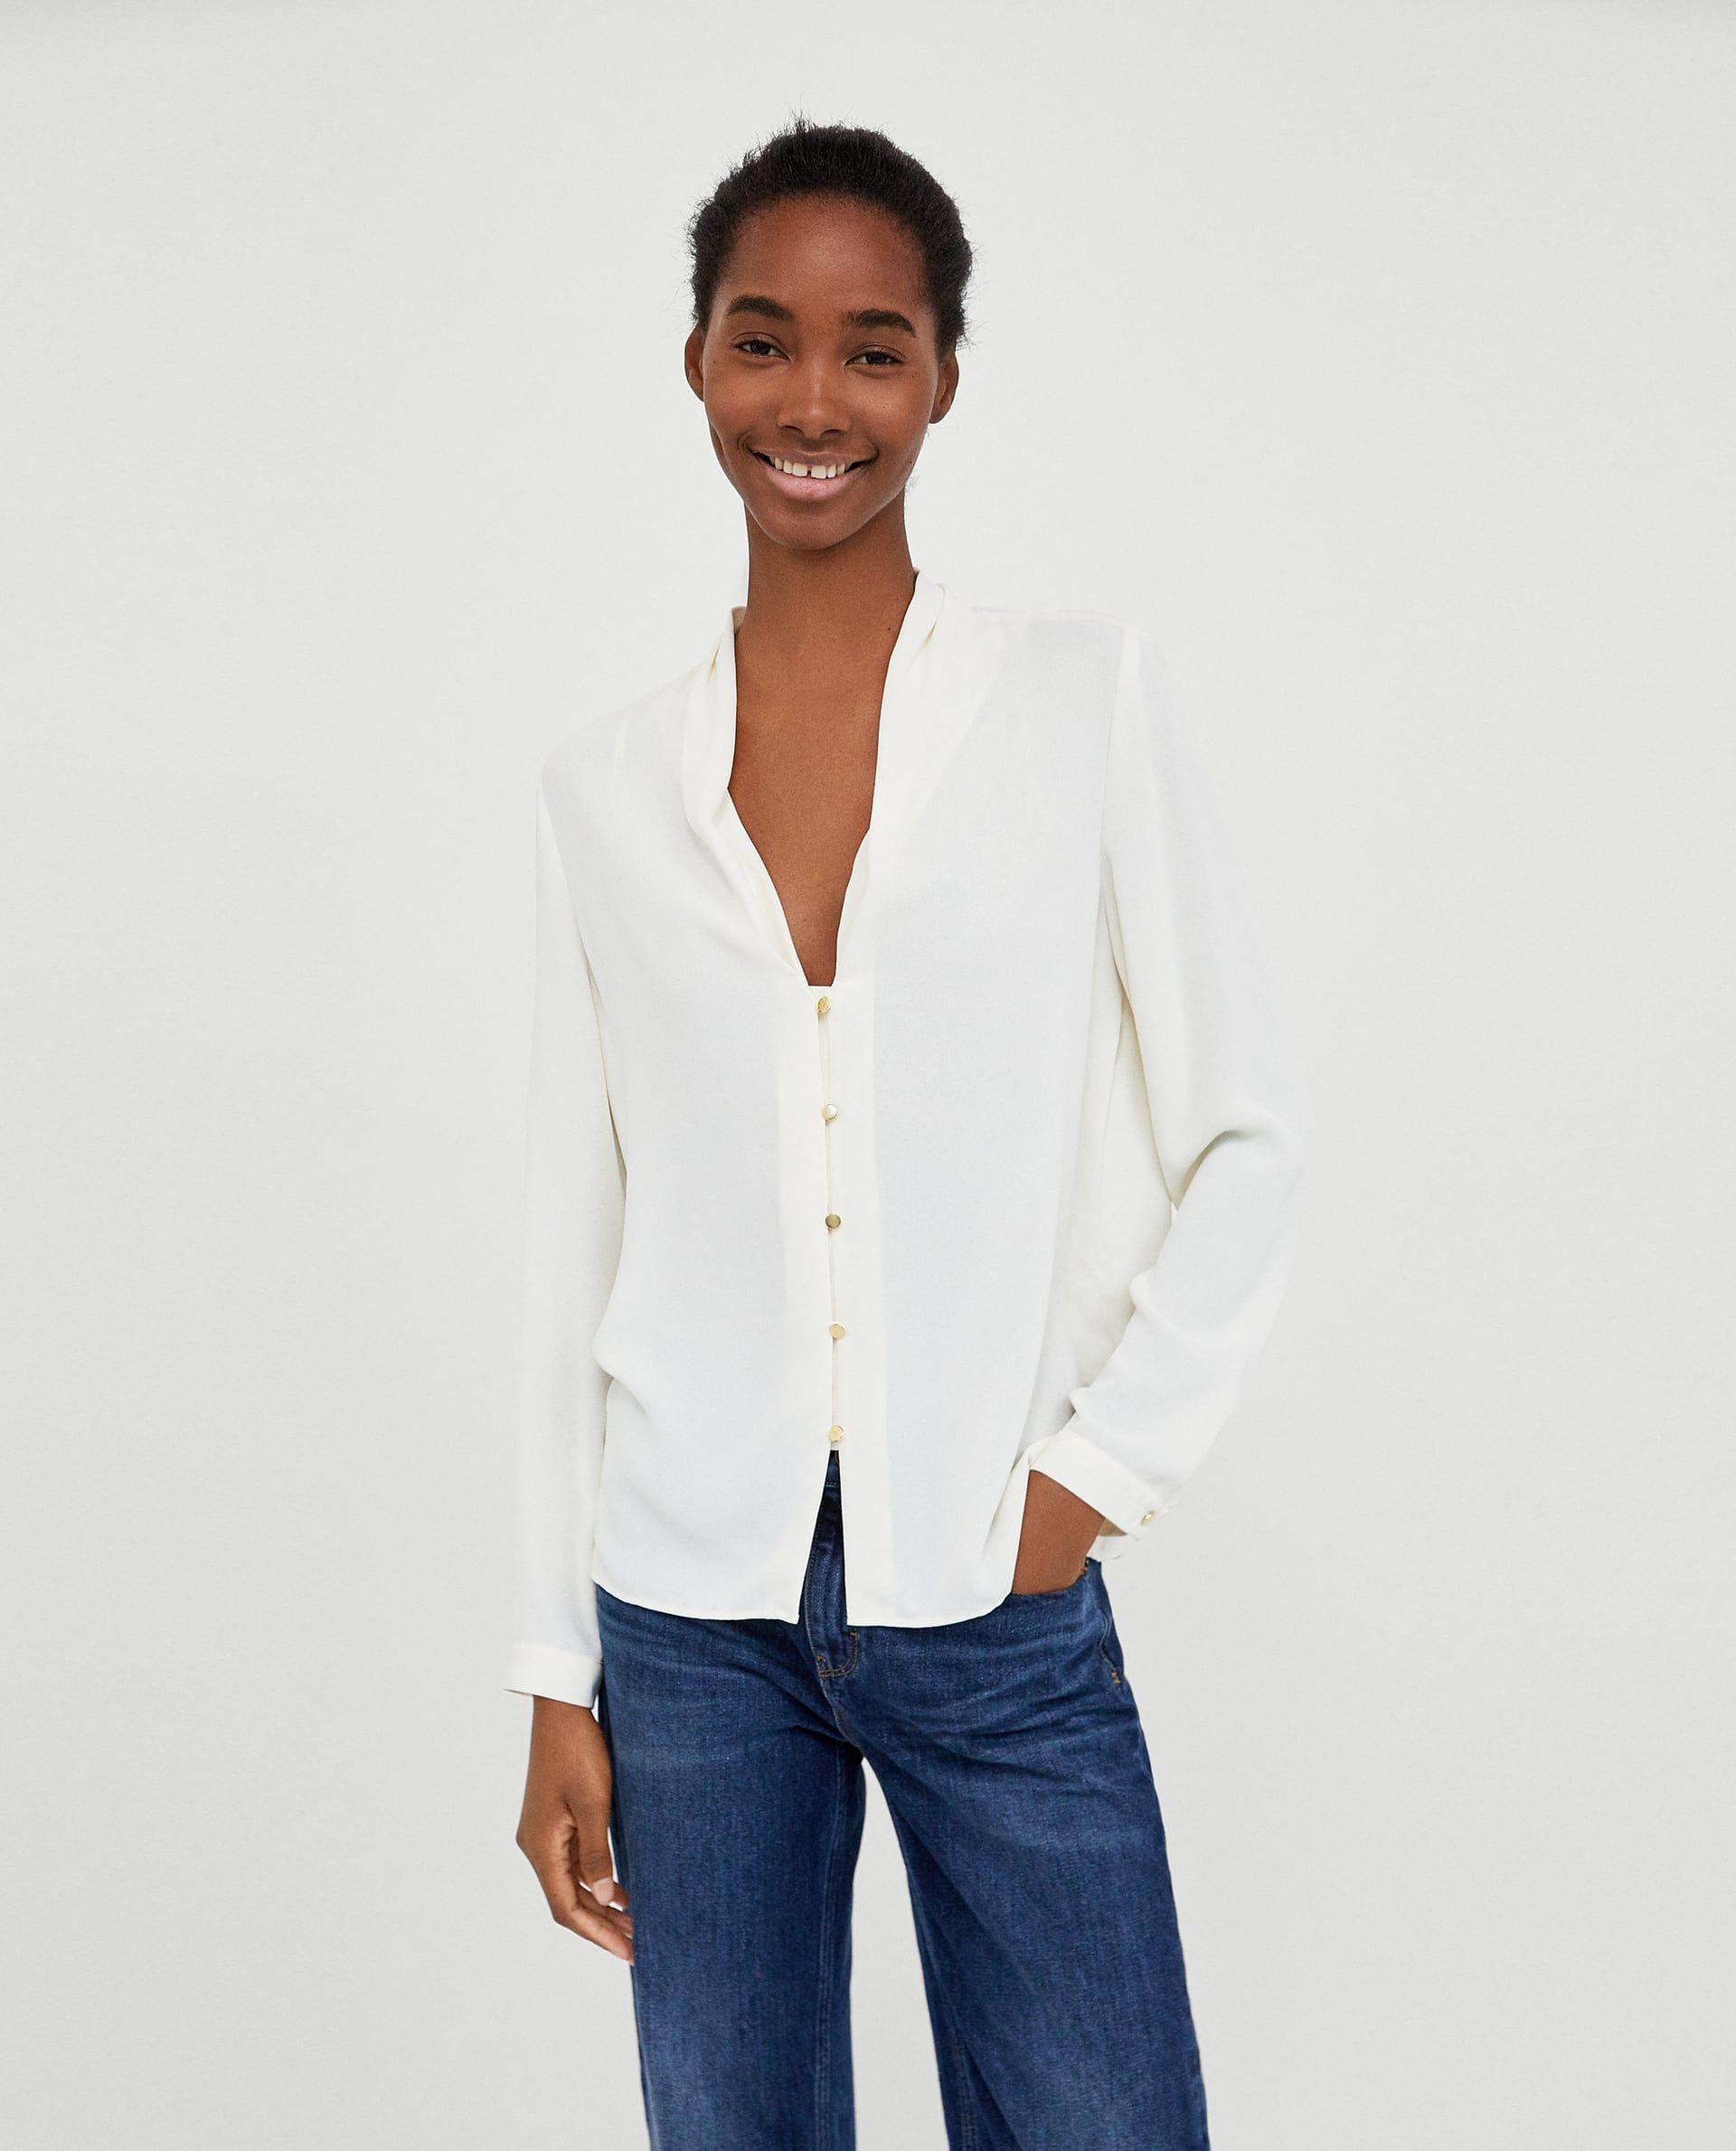 皺褶領口罩衫   Women shirts blouse, Vetements fashion, Casual ...